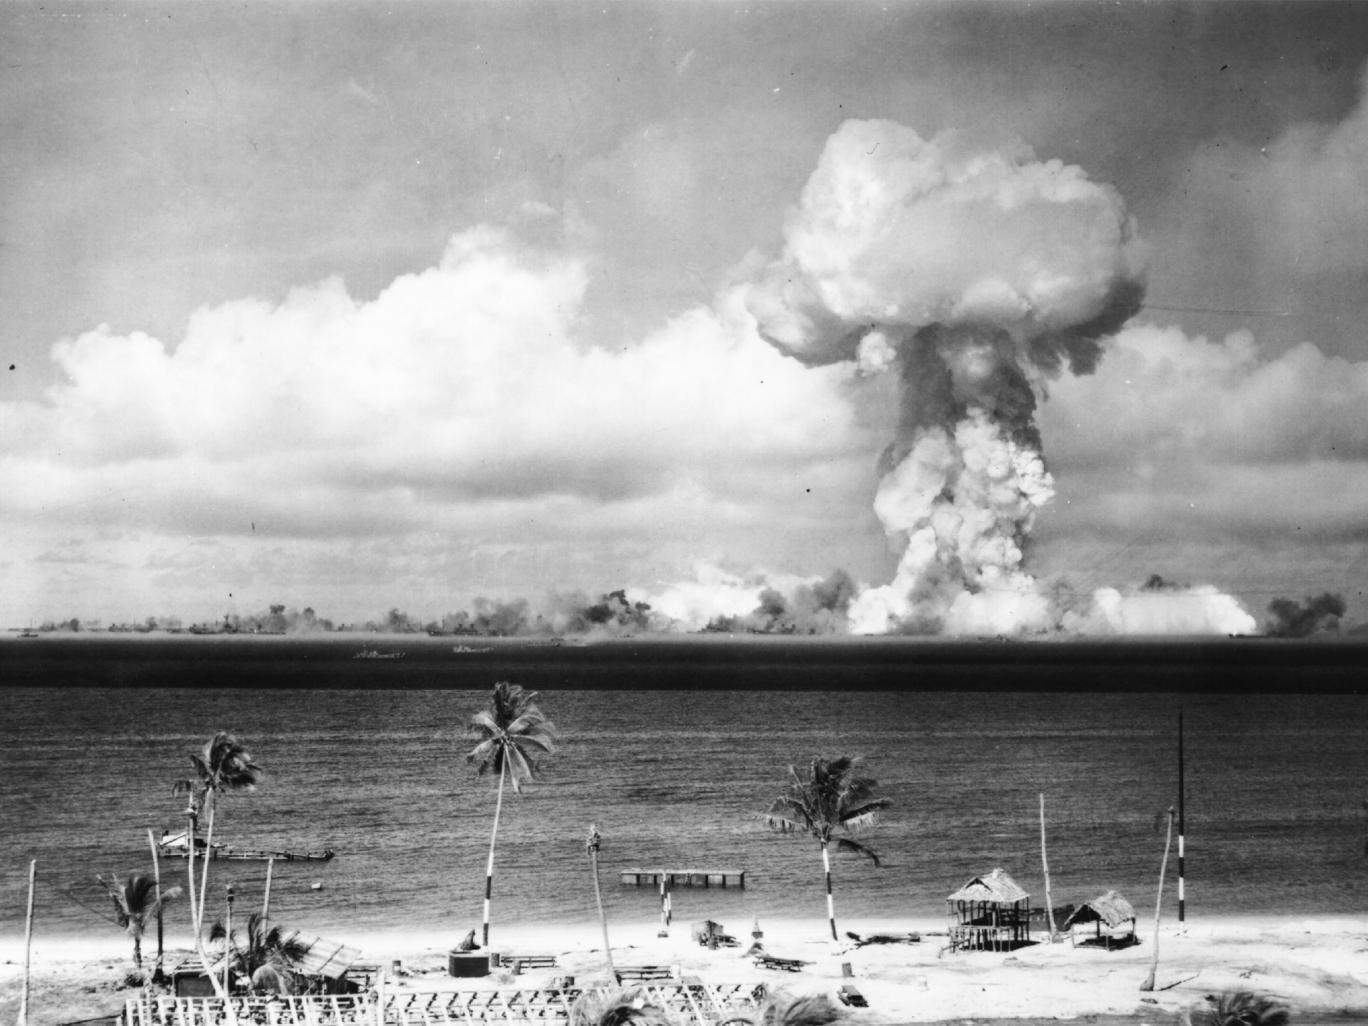 Prompt, where Bikini atoll nuclear tests shame!